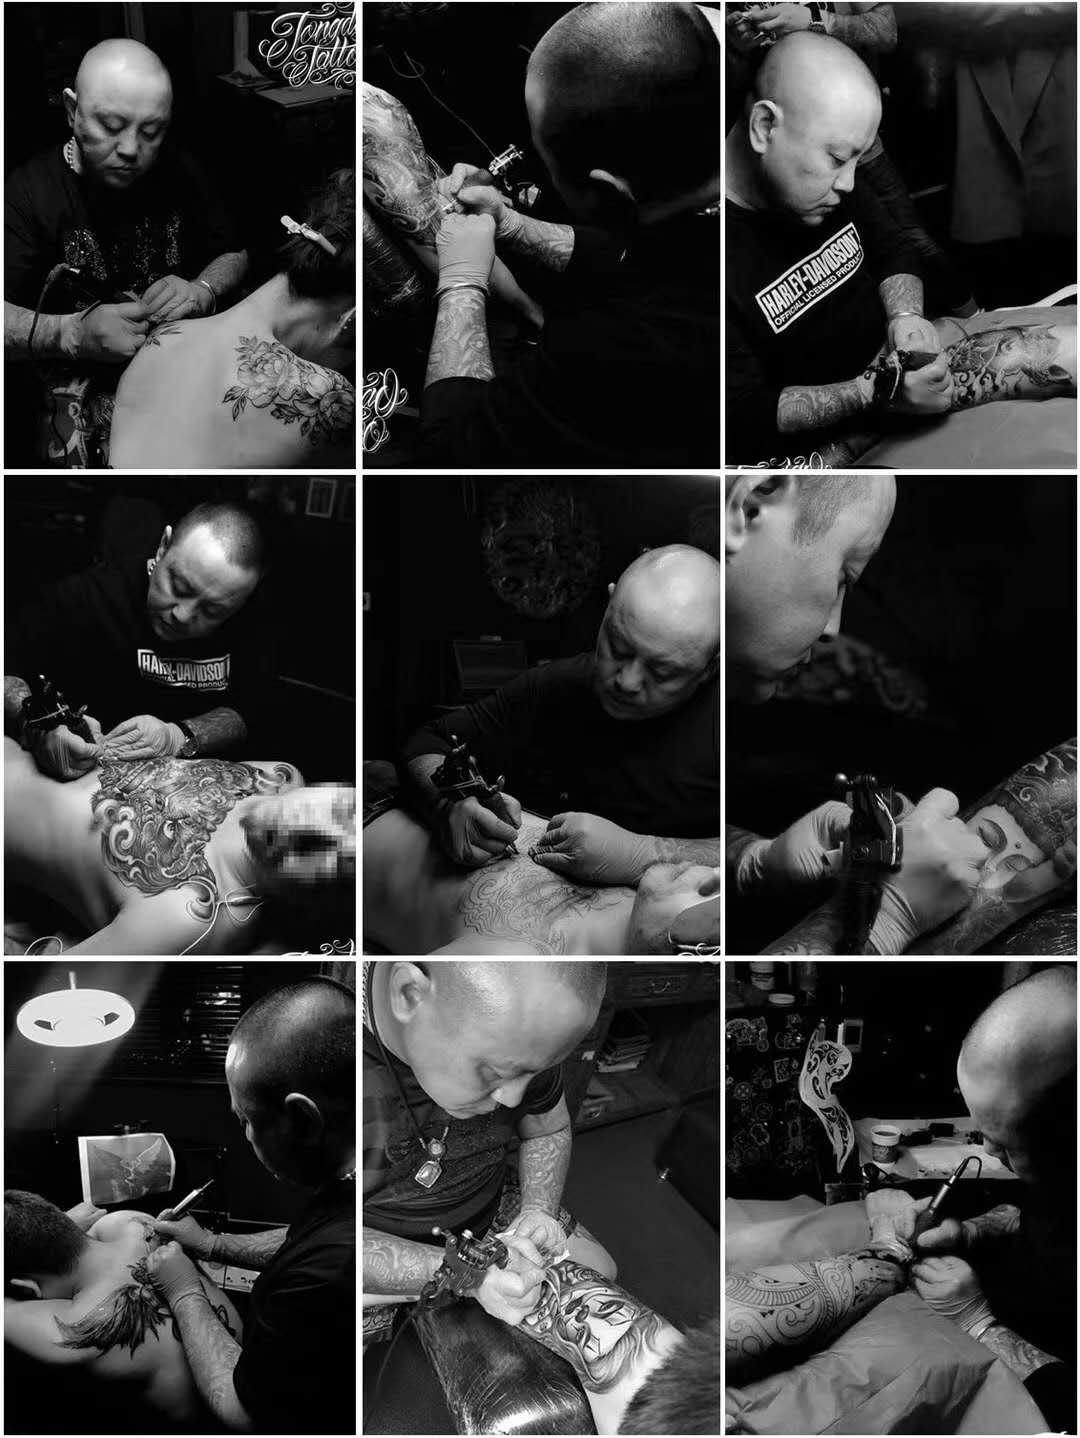 你想在身上纹很特别的纹身吗?